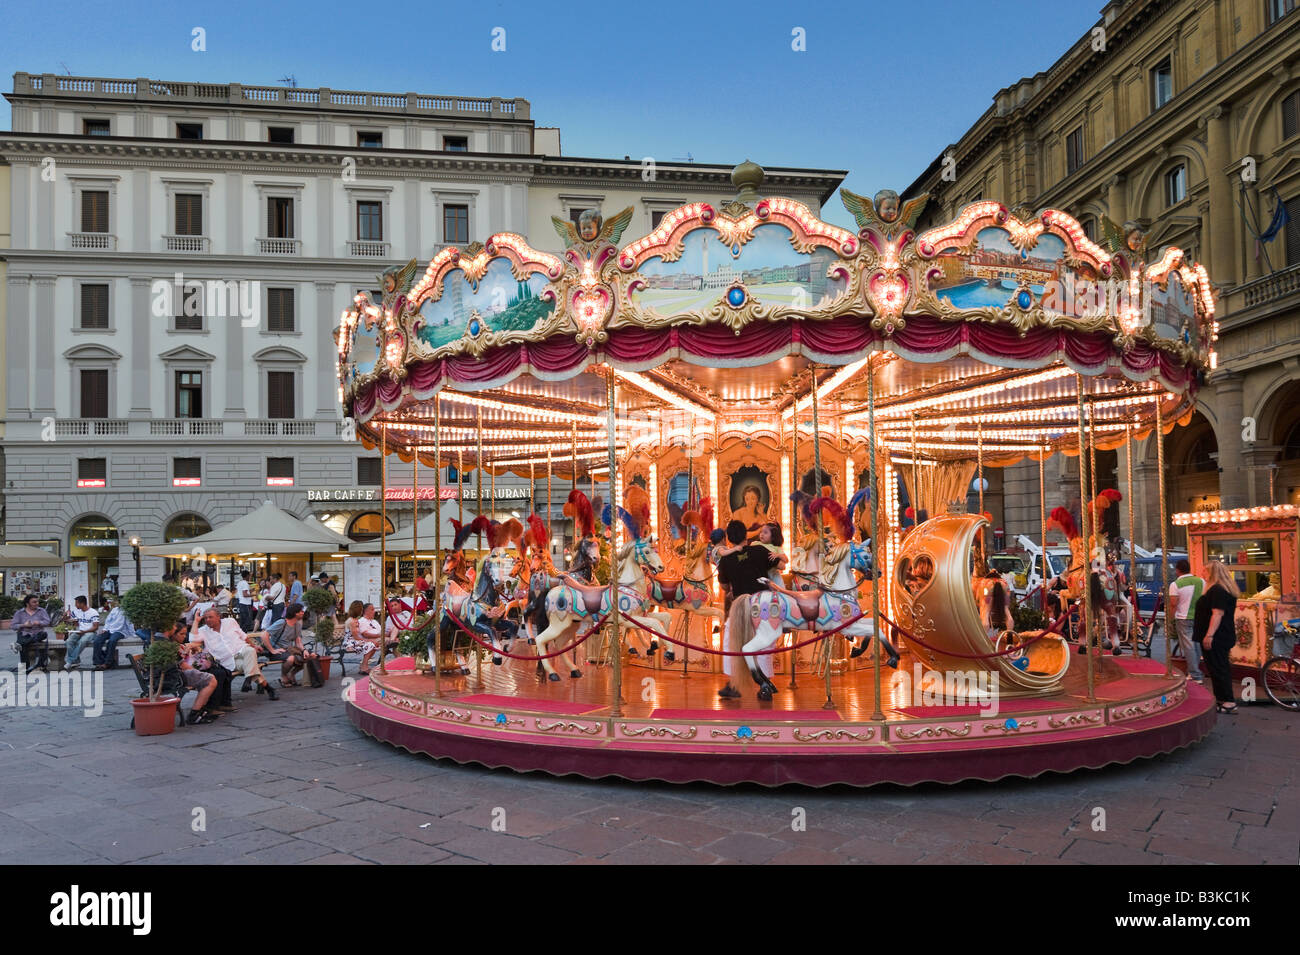 Piazza Della Repubblica Carousel